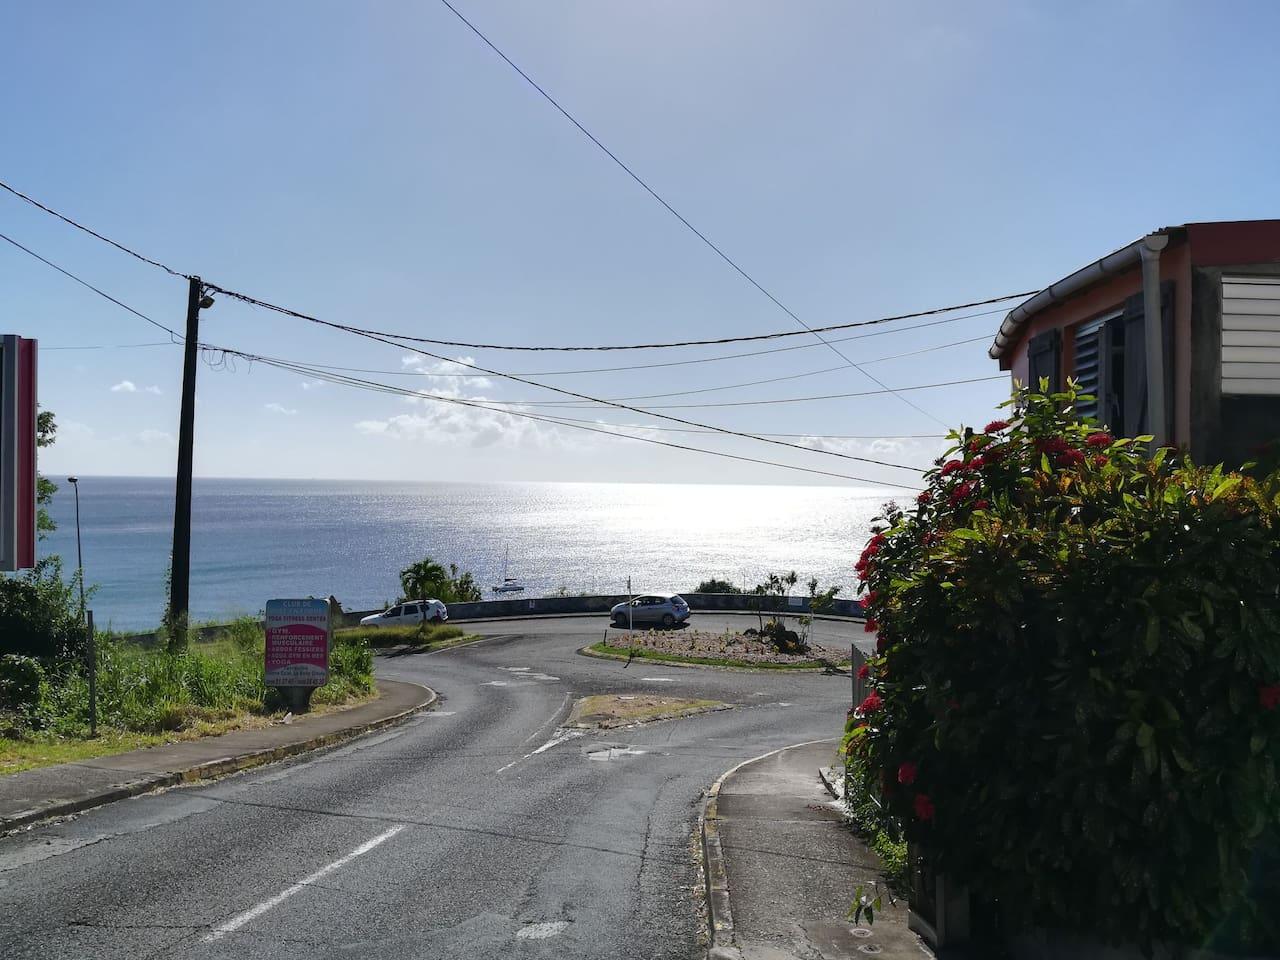 Magnifique vue en allant vers fort de France, à proximité de la maison